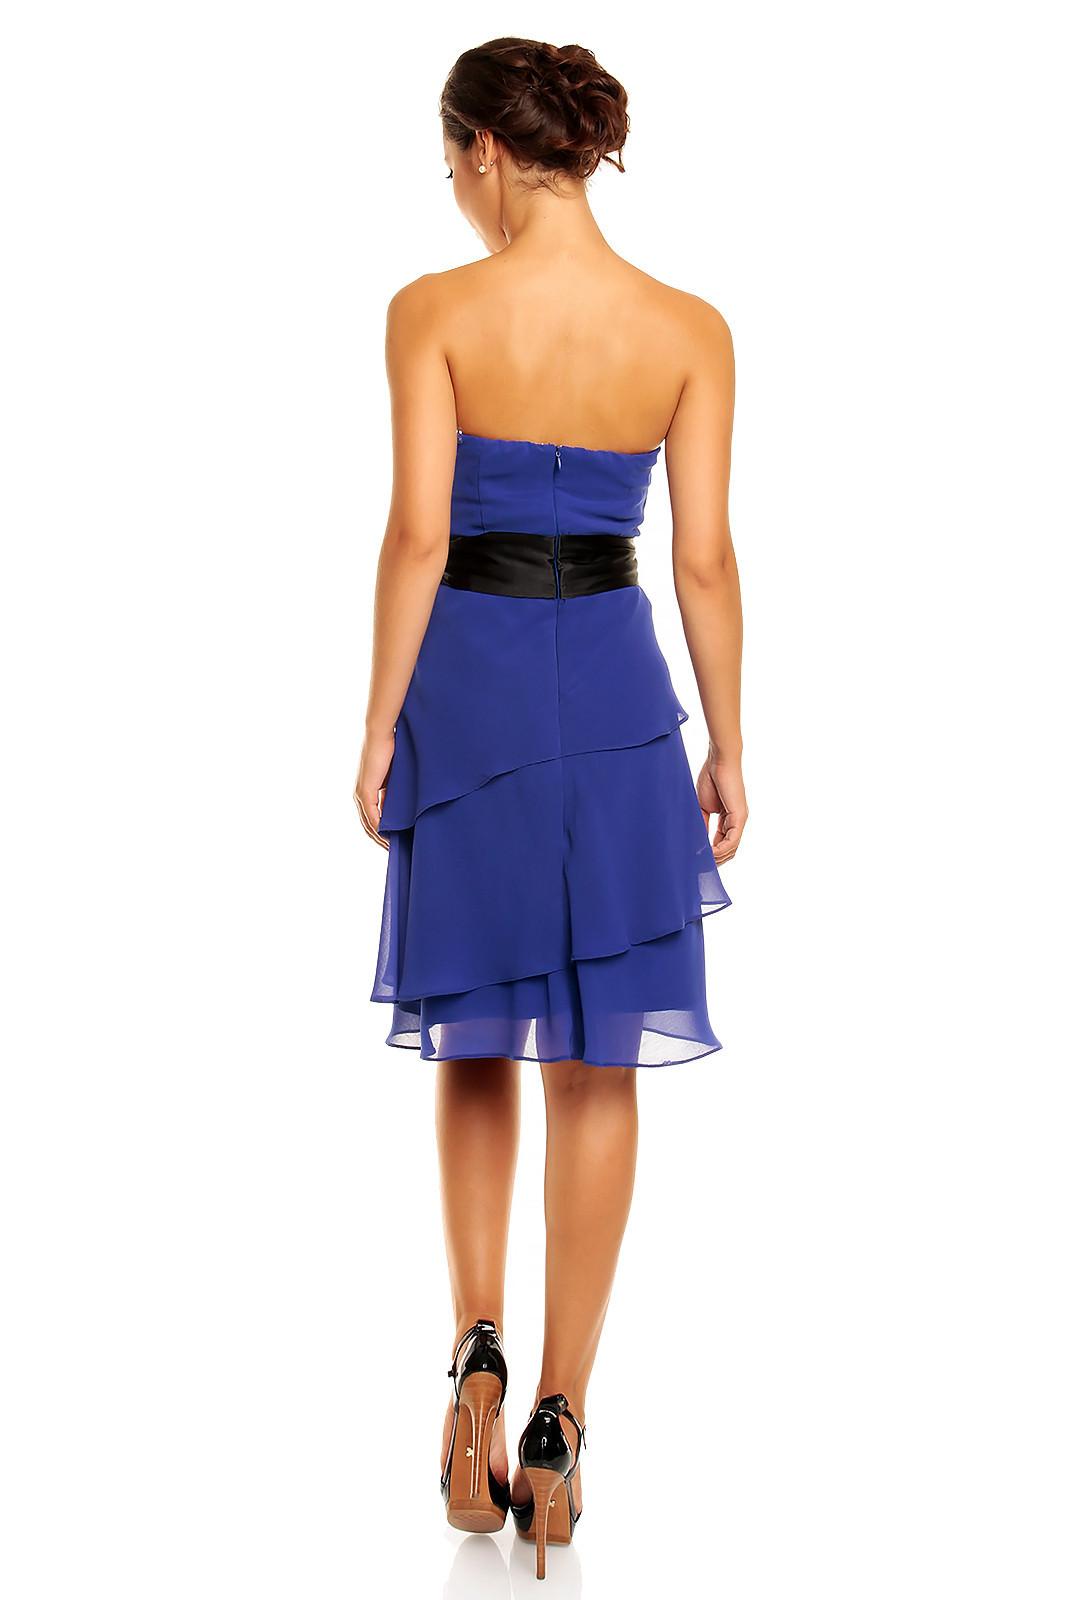 Společenské šaty korzetové značkové MAYAADI s mašlí a sukní s volány modré - Modrá - MAYAADI S